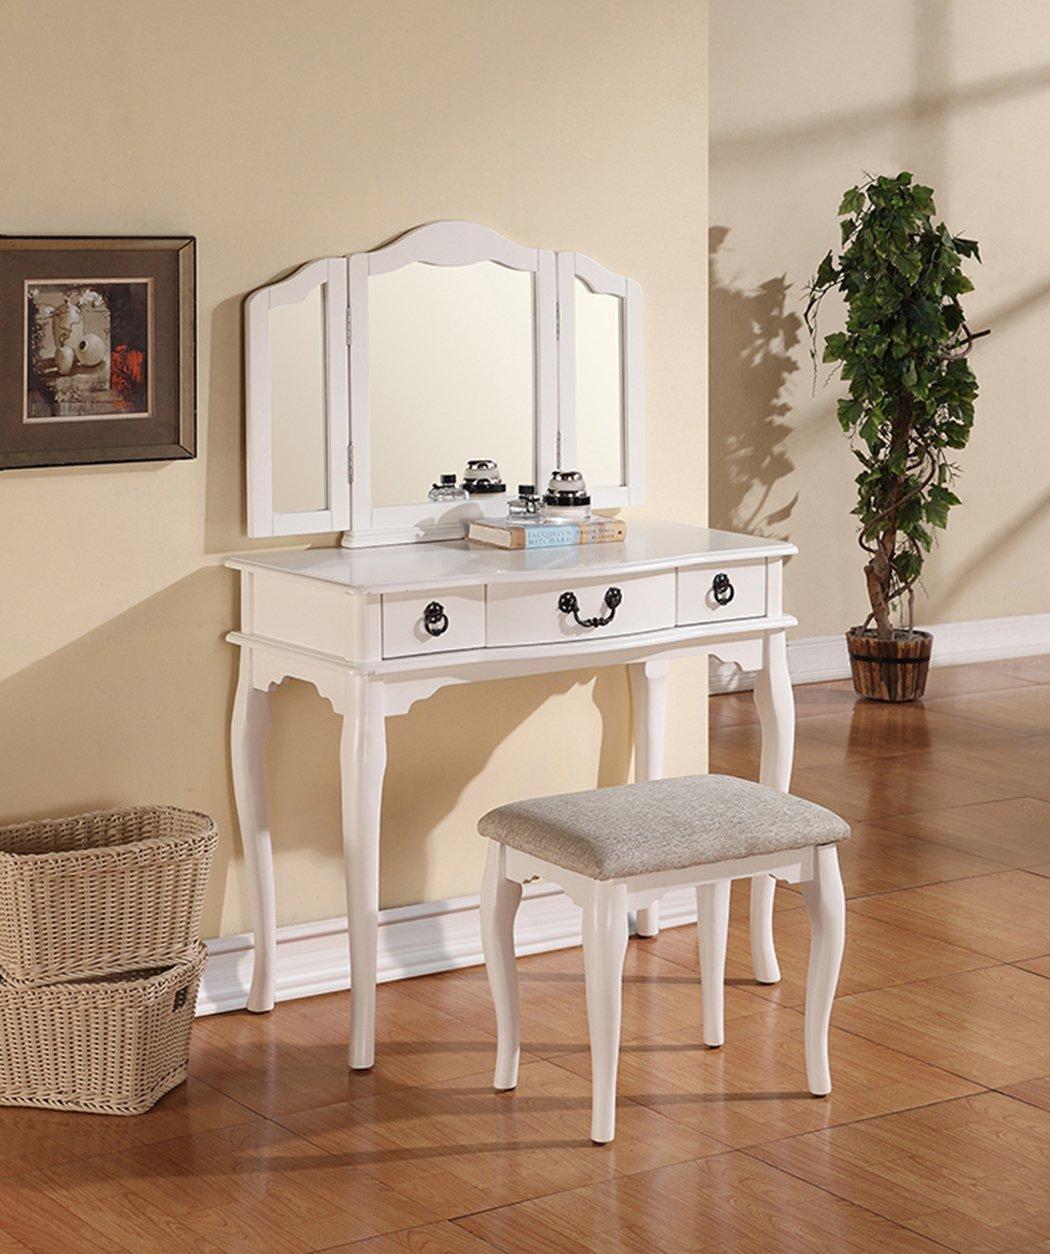 tri fold mirror vanity set. Amazon com  Poundex Bobkona Susana Tri fold Mirror Vanity Table with Stool Set White Kitchen Dining